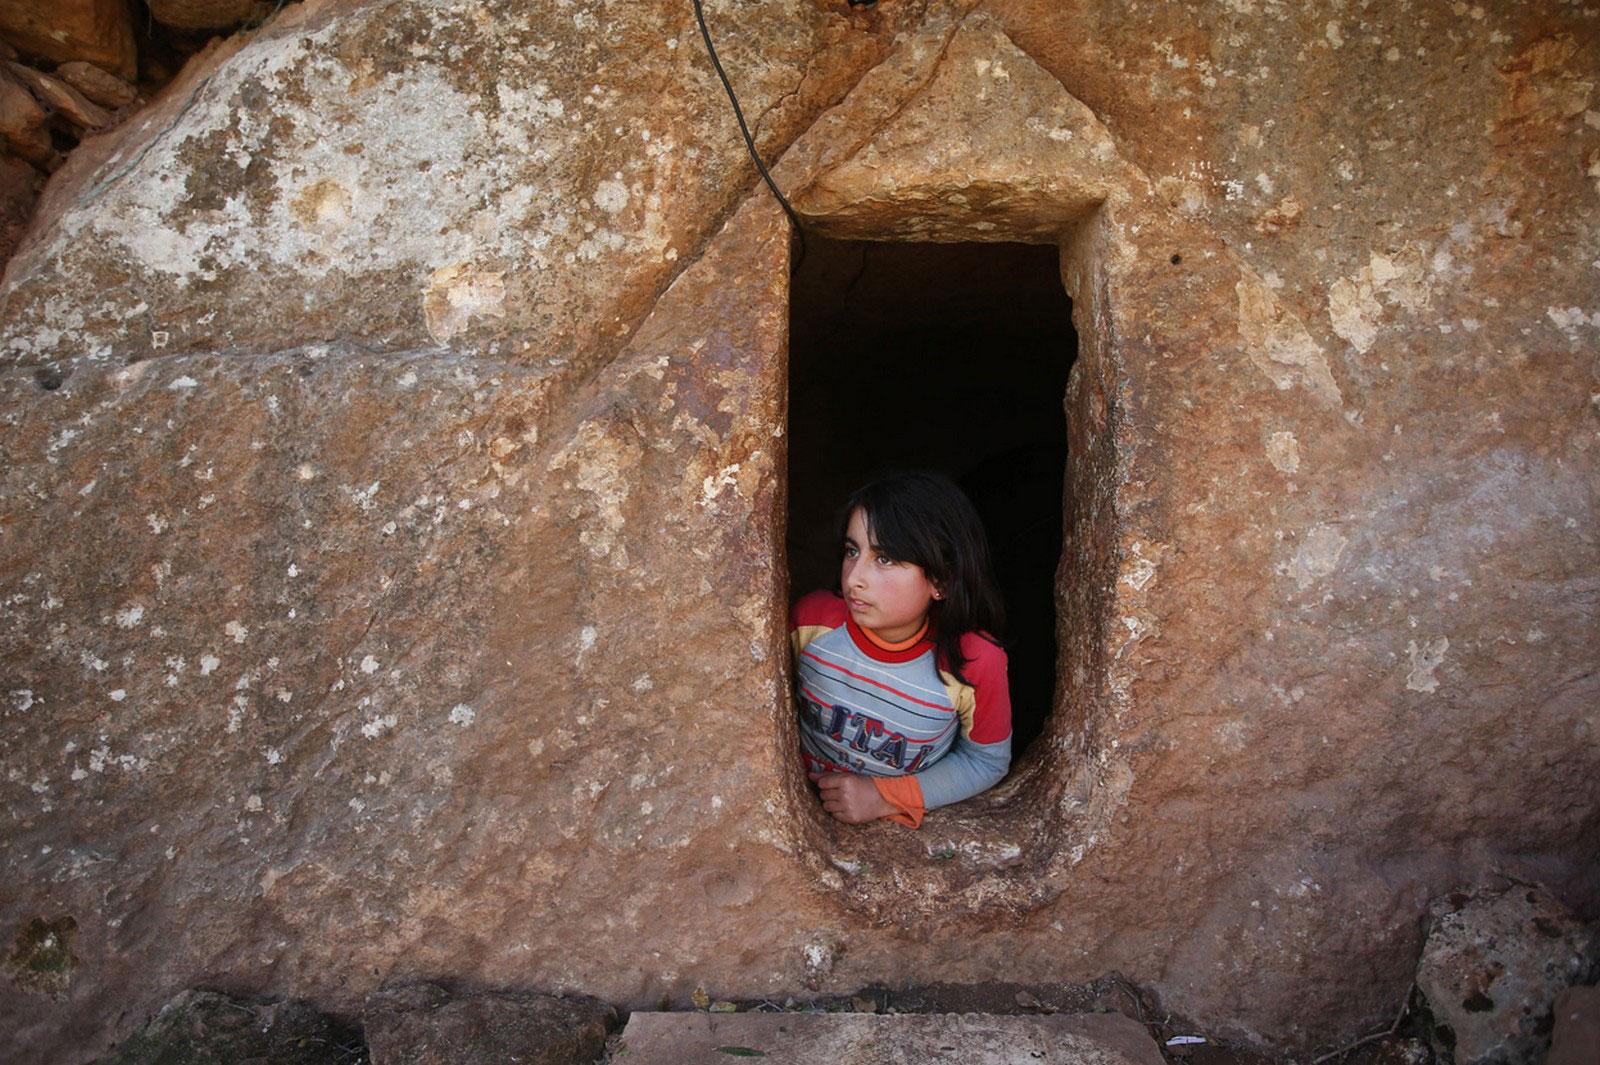 девочка выглядывает из подземной римской гробницы